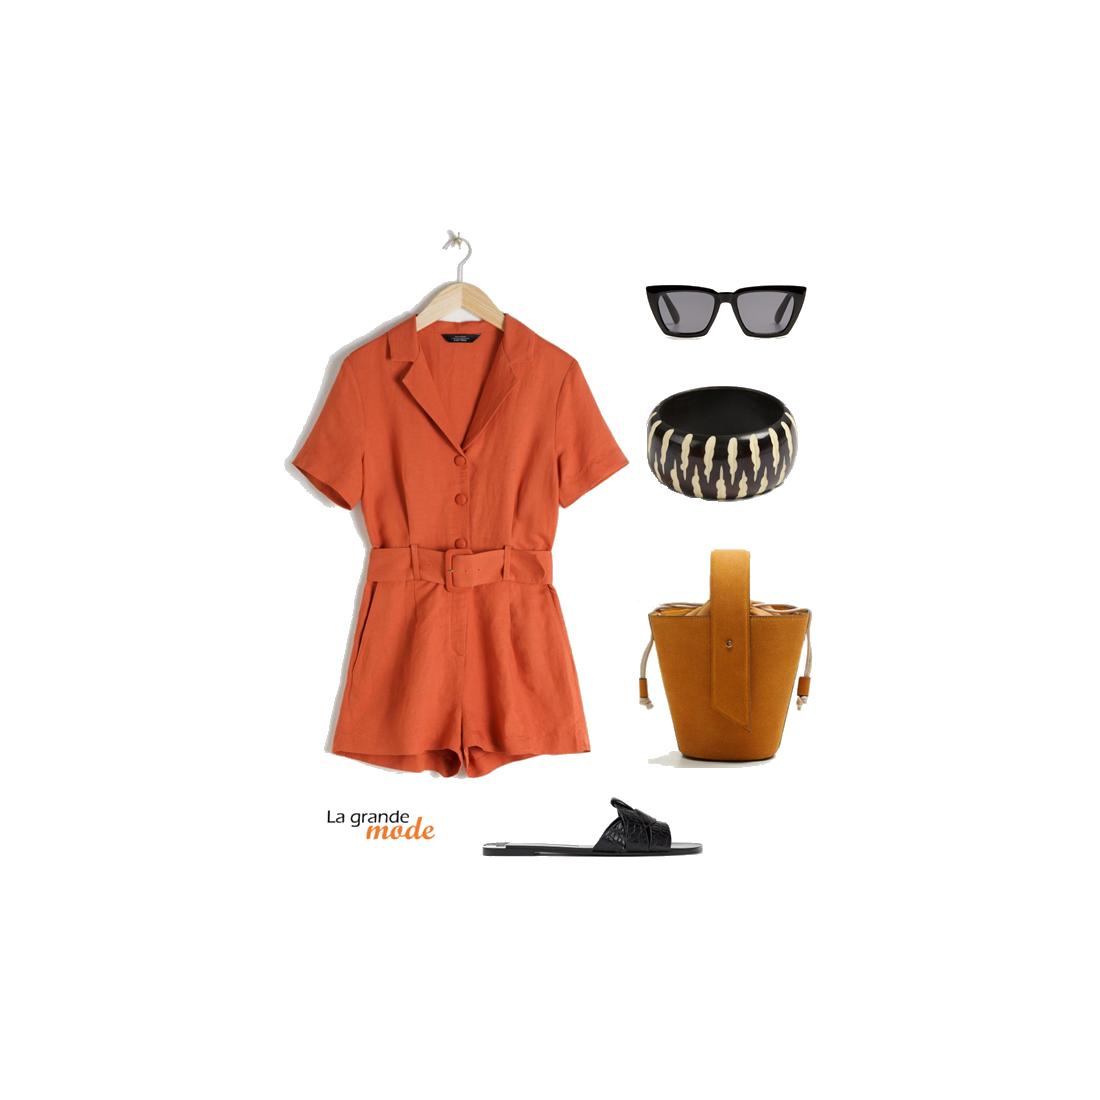 La Grande Mode - Idée look combishort et claquettes - Tendance mode - Printemps été 2019